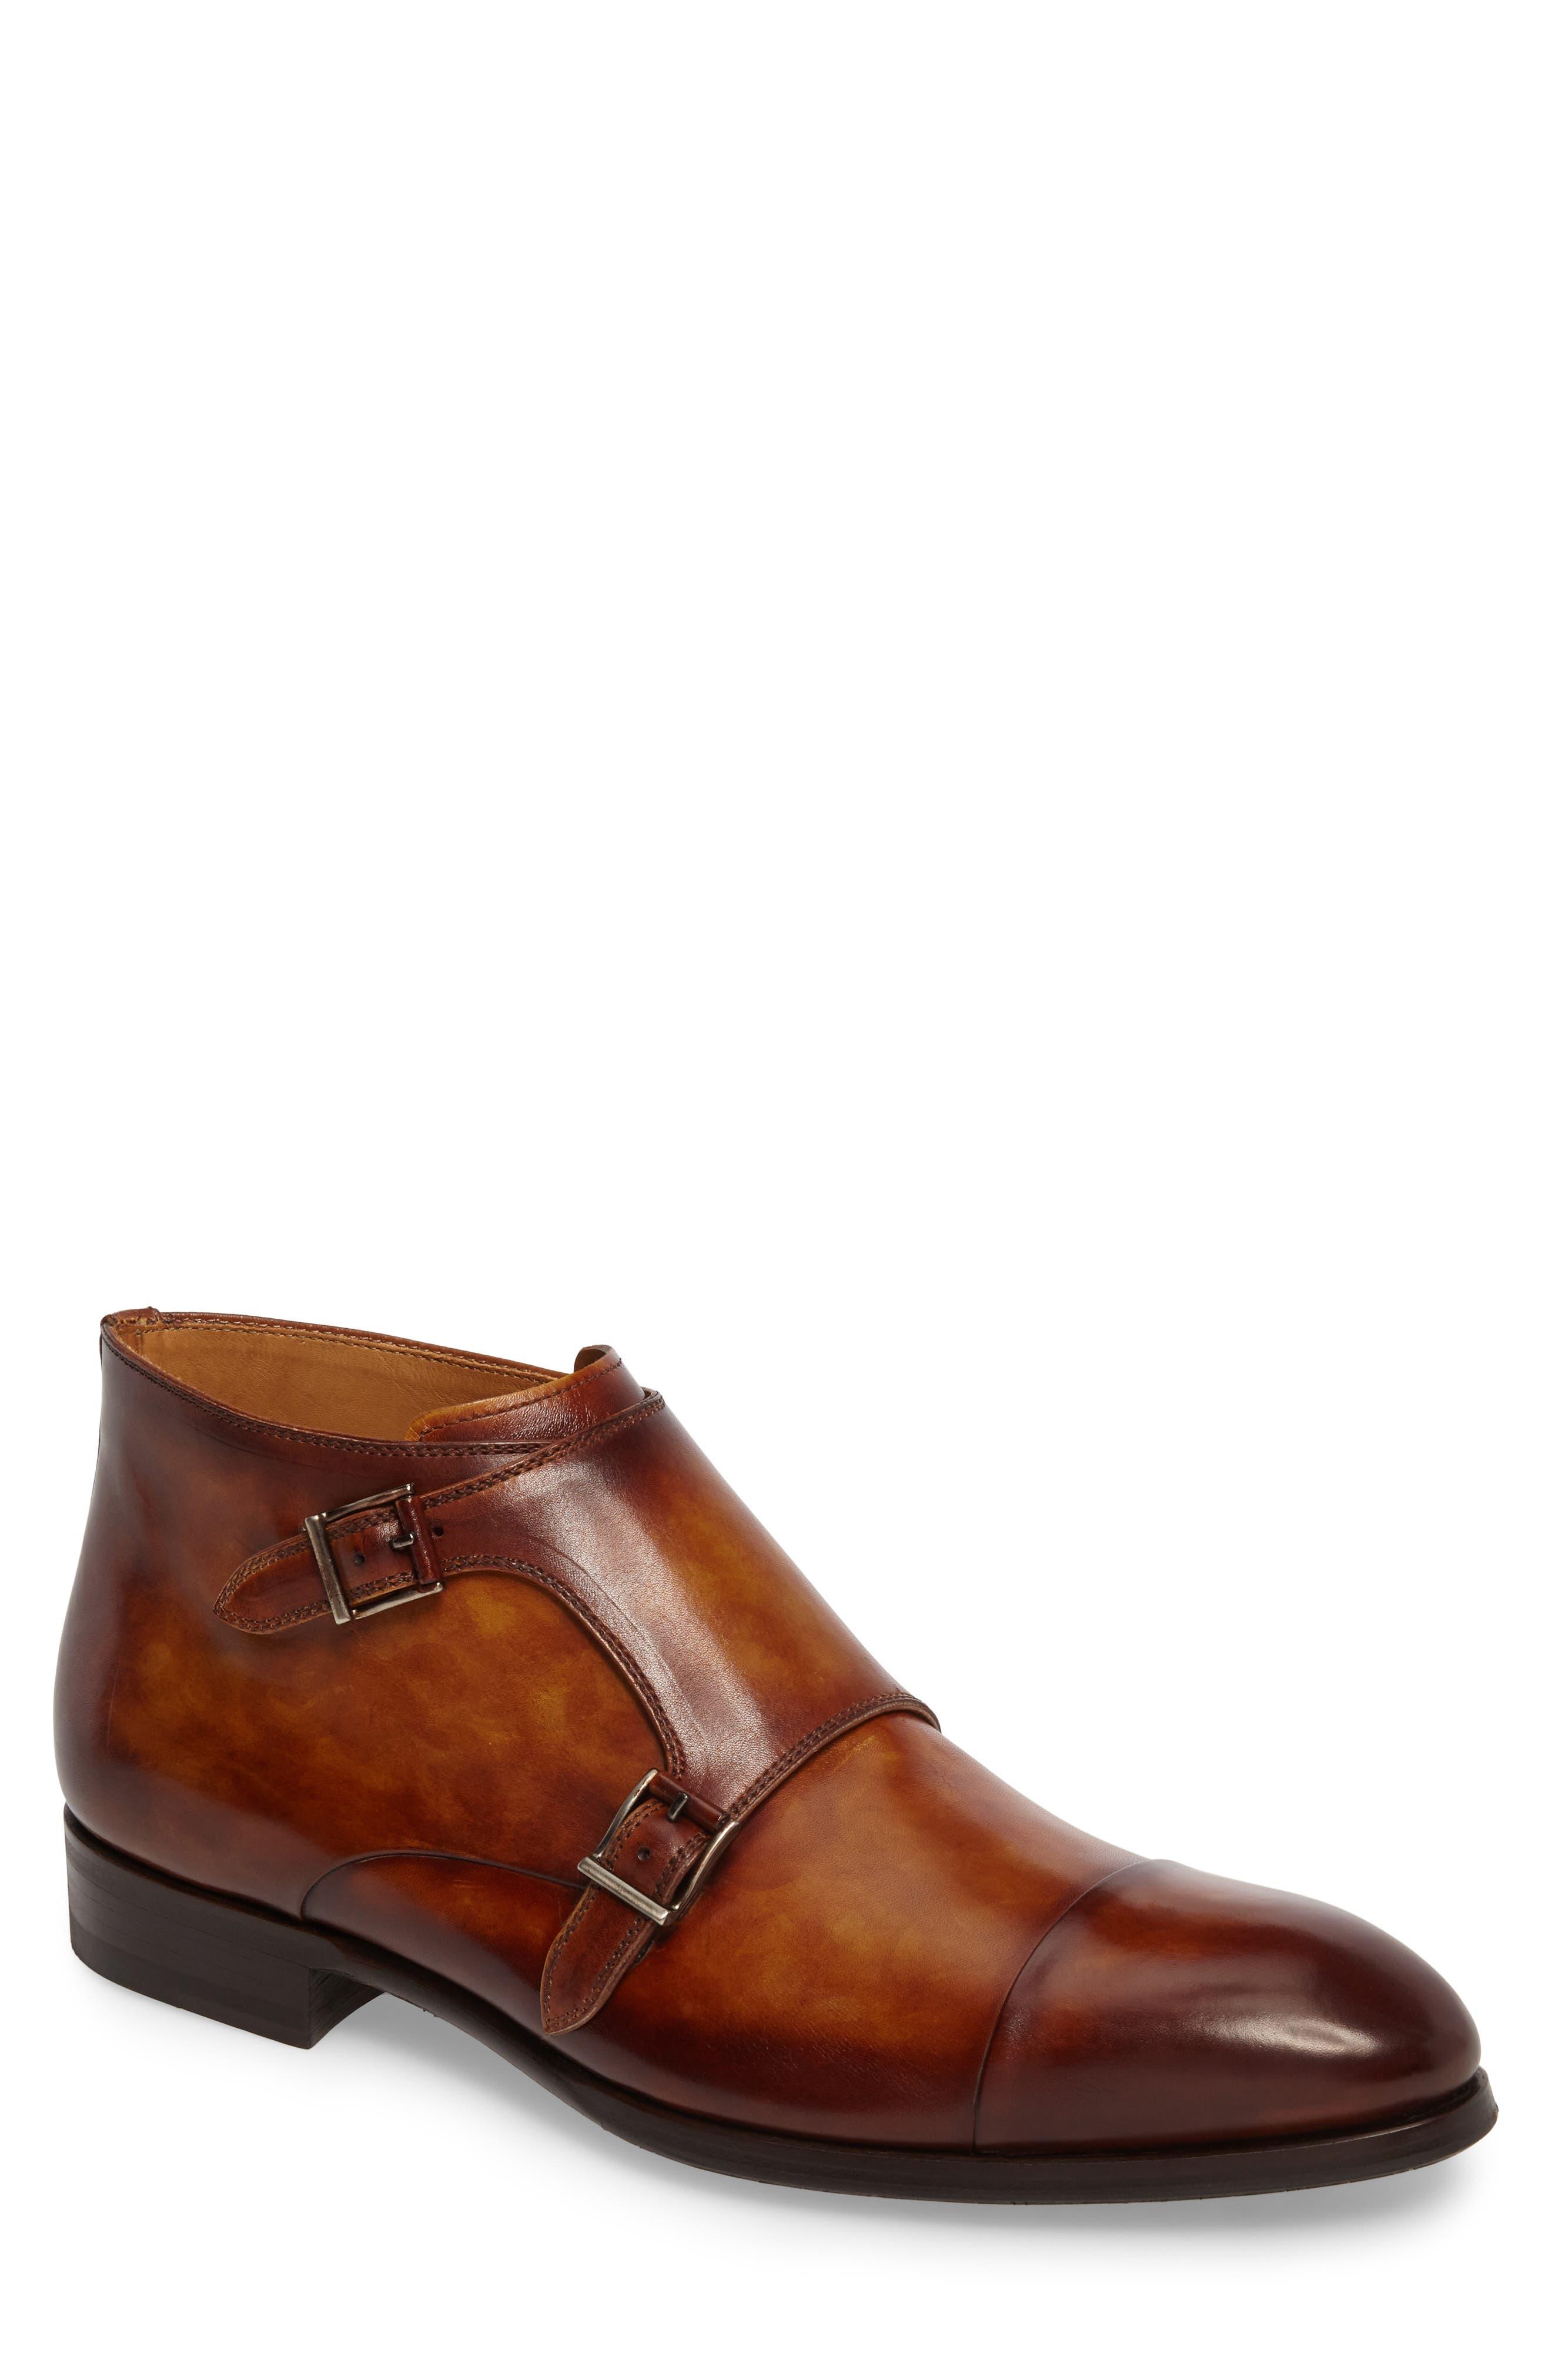 Main Image - Magnanni Lavar Double Monk Strap Boot (Men)